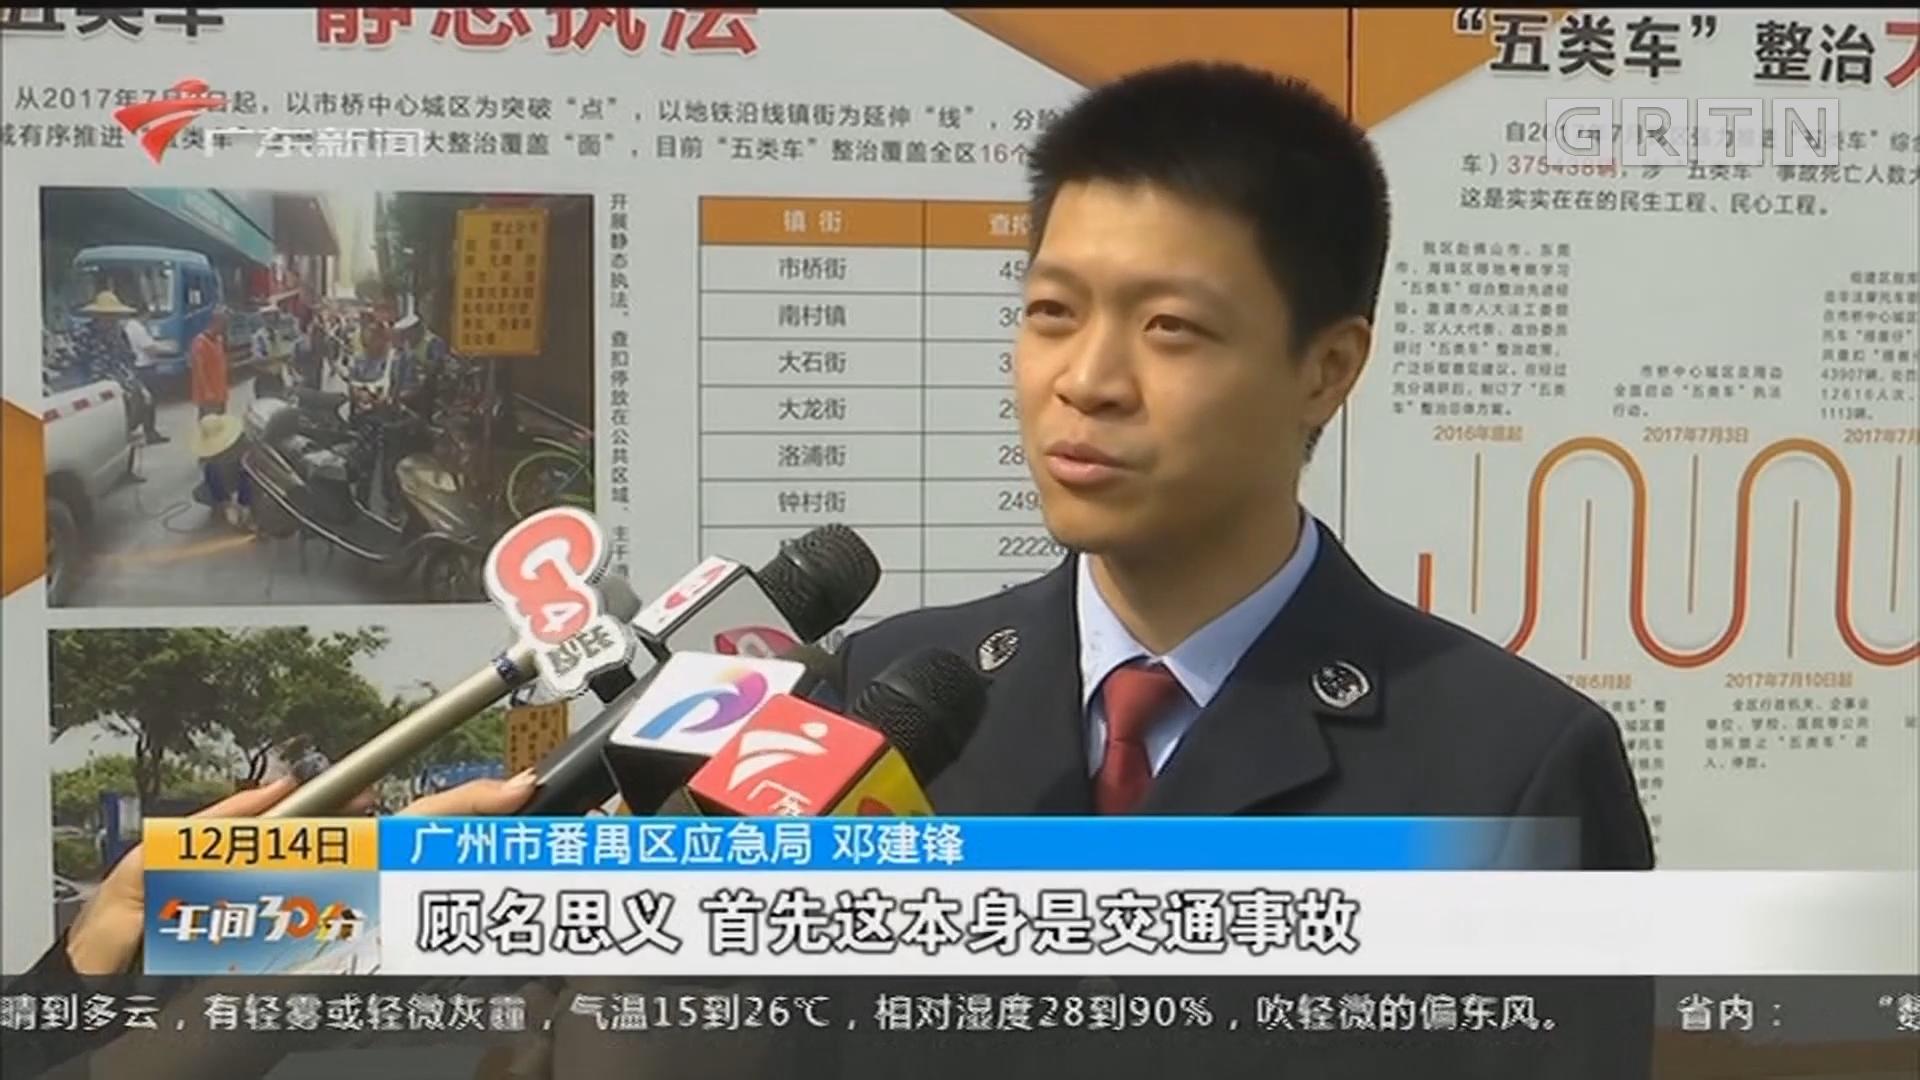 """广州番禺:番禺区开展事故警示展 警惕路上""""巨无霸"""""""